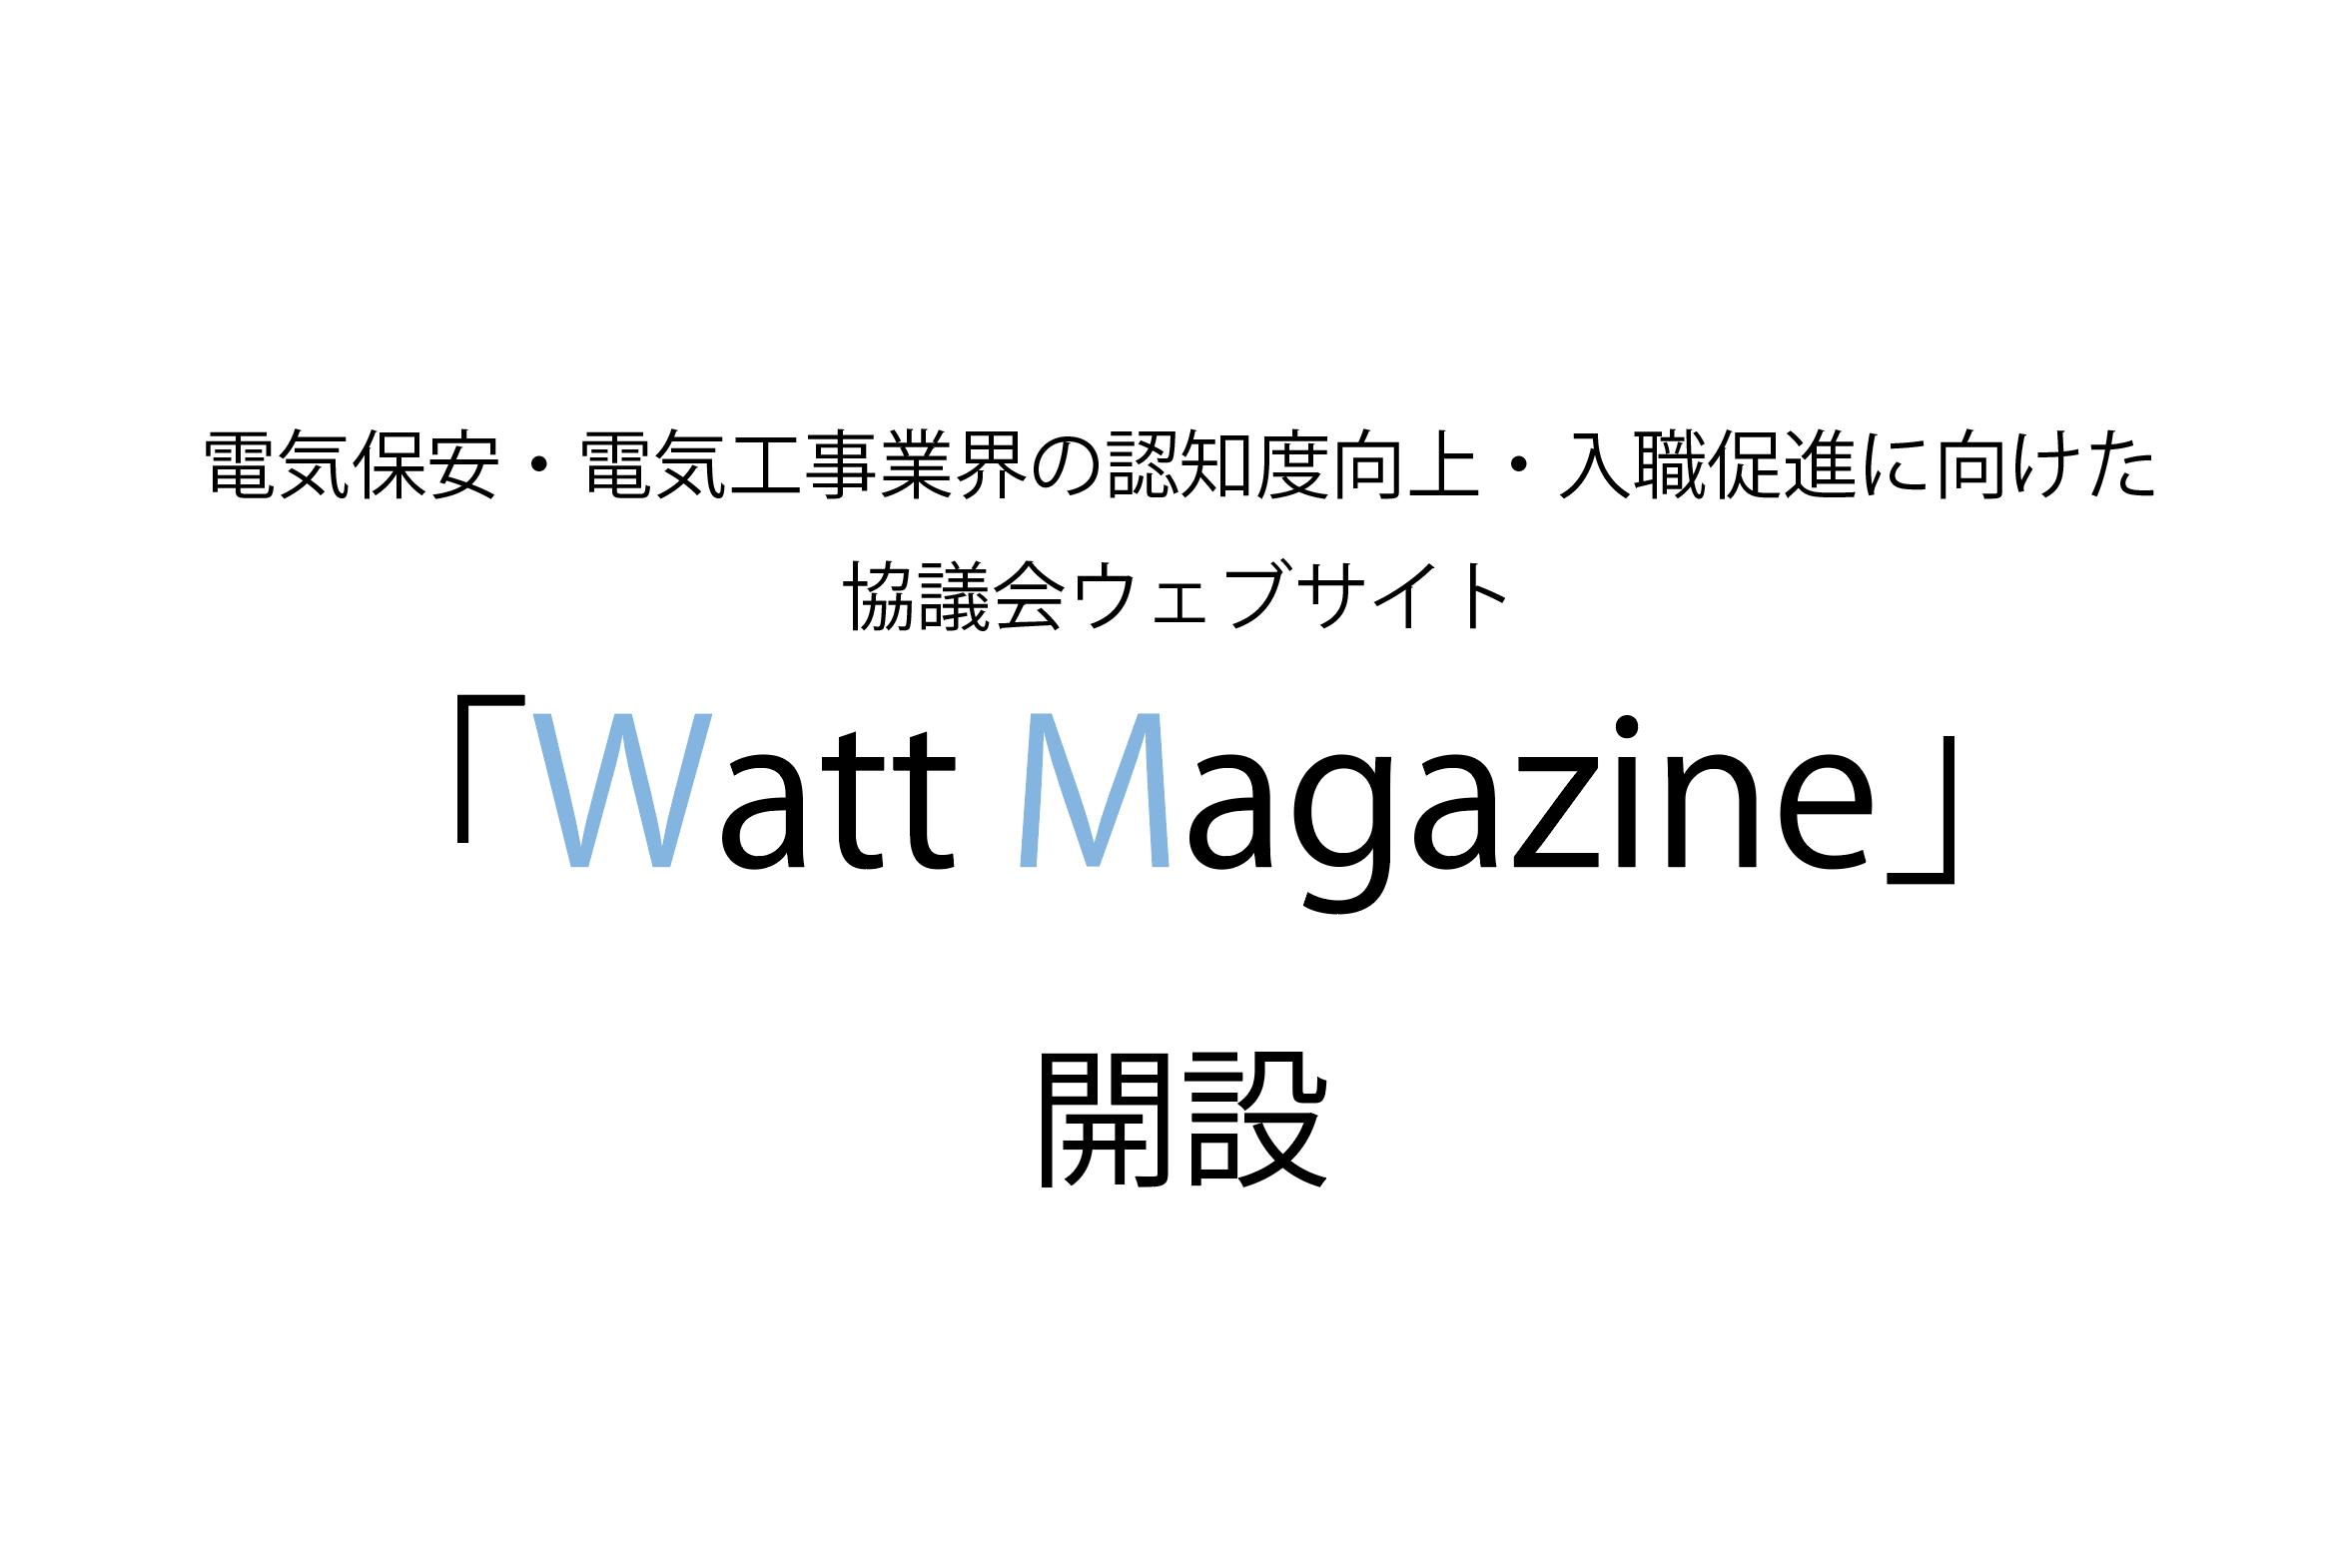 【電気保安・電気工事業界の認知度向上・入職促進に向けた協議会】ウェブサイト「Watt Magazine」開設の画像